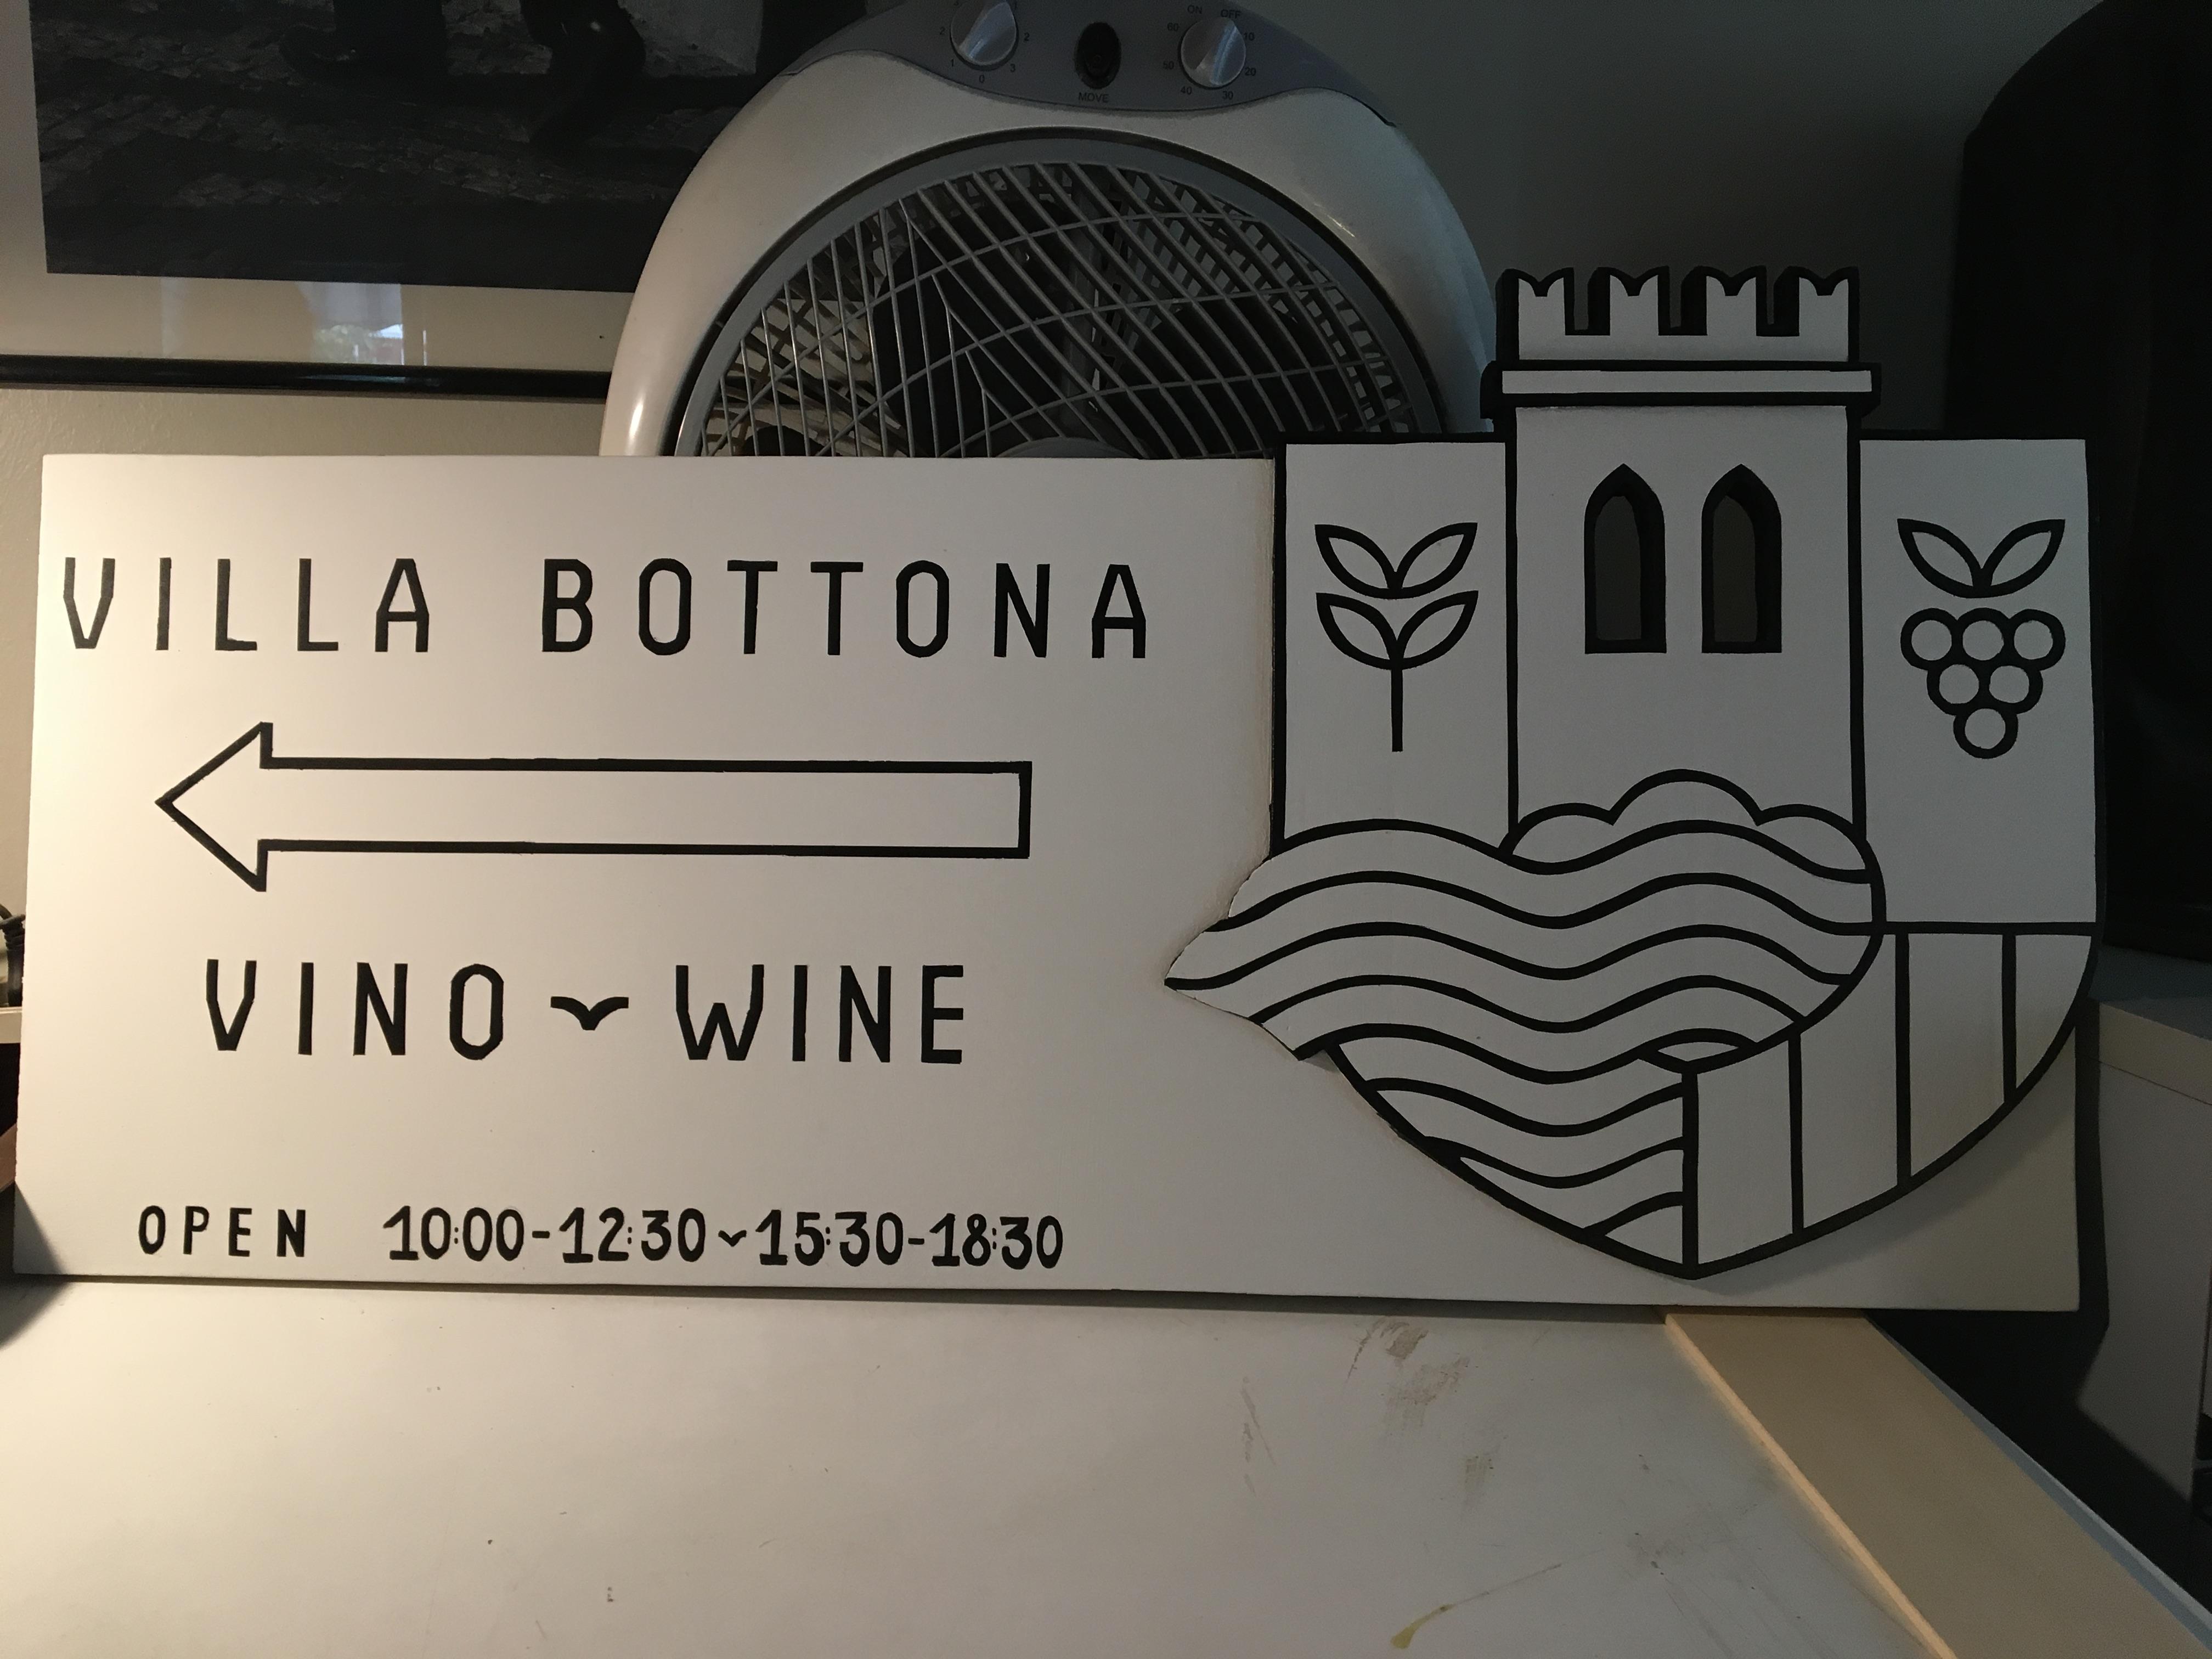 Villa Bottona